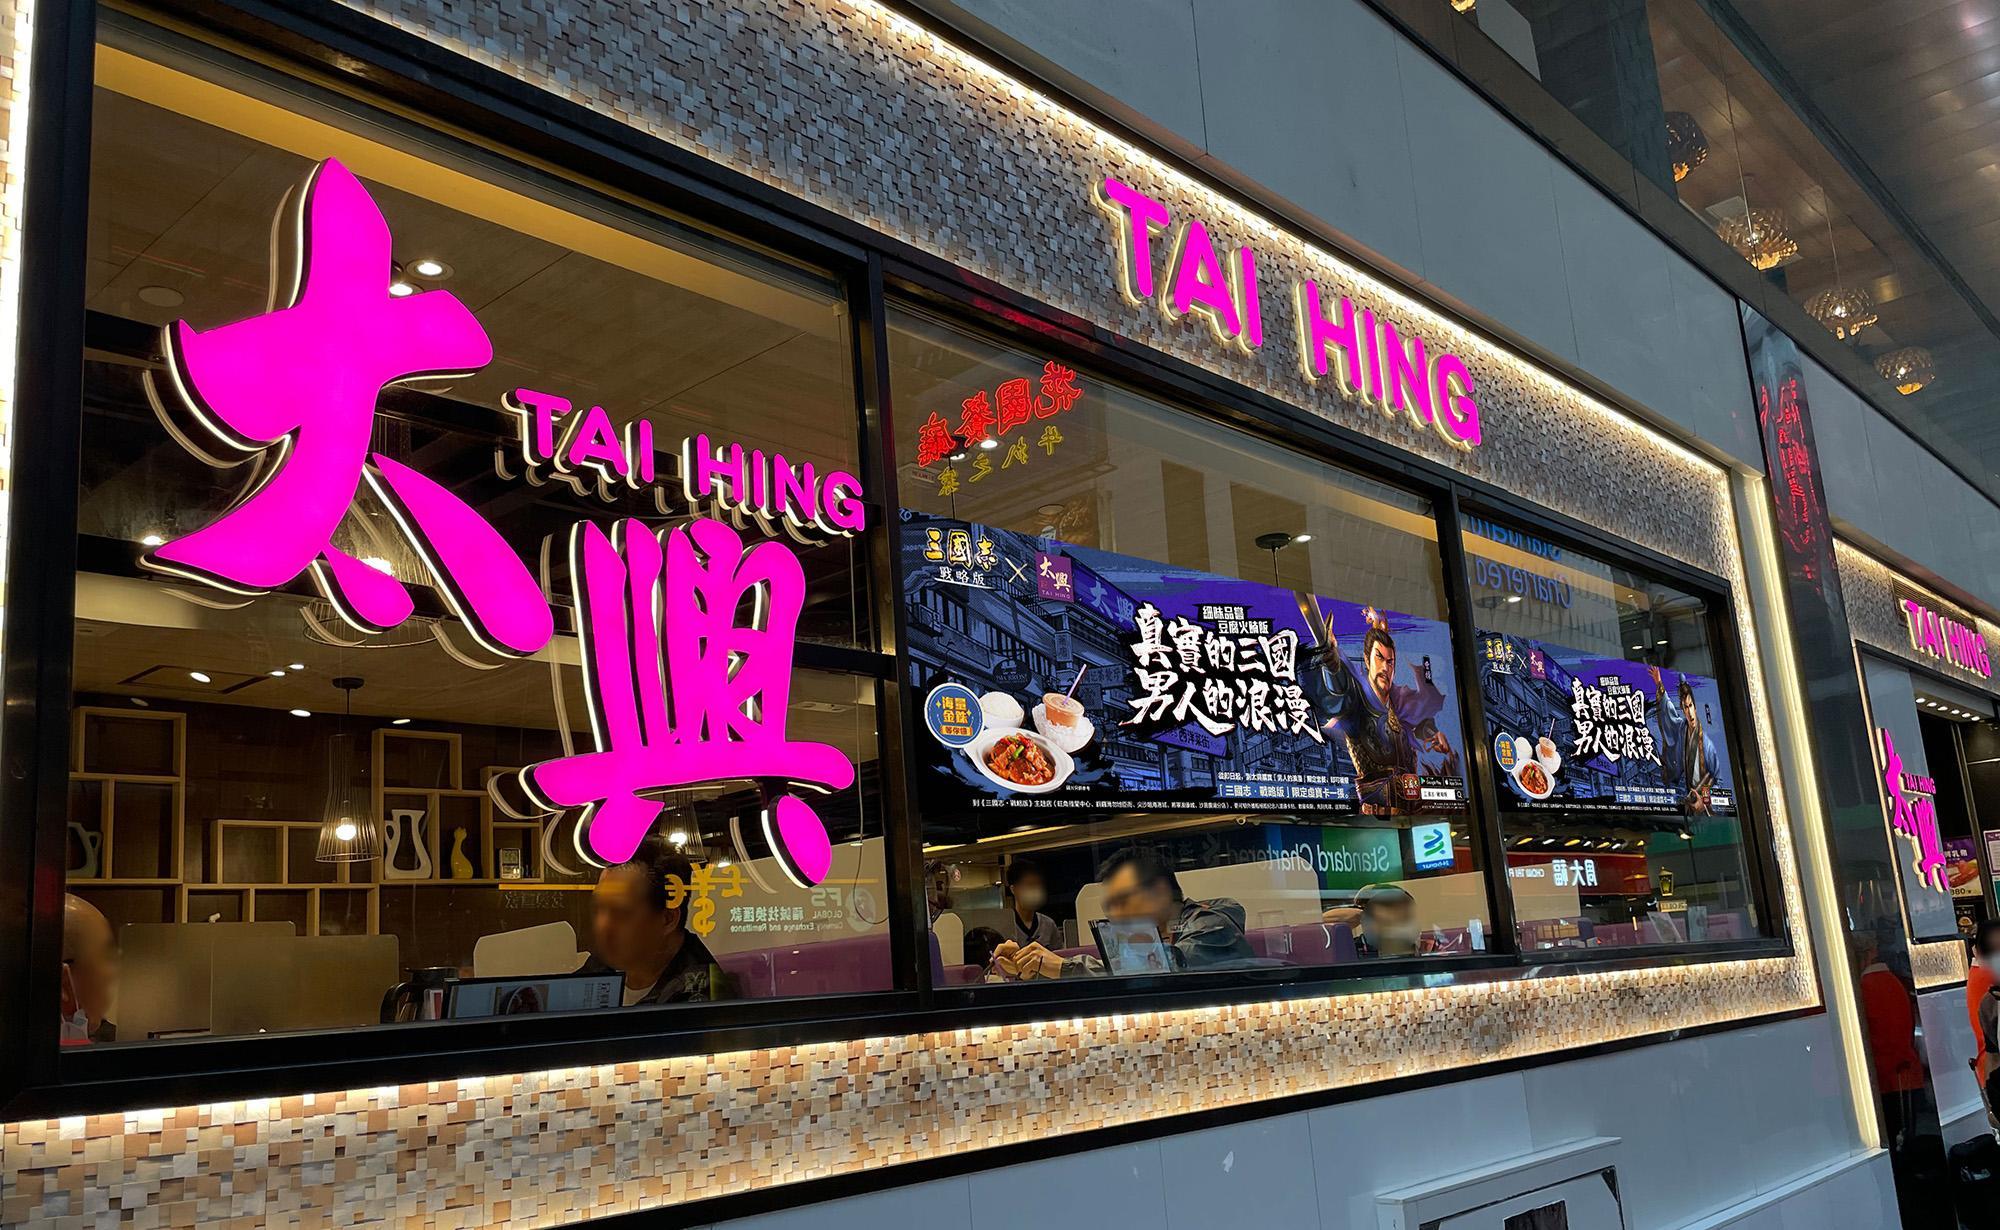 《三國志.戰略版》X 太興 推出豆腐火腩飯與限定虛寶卡